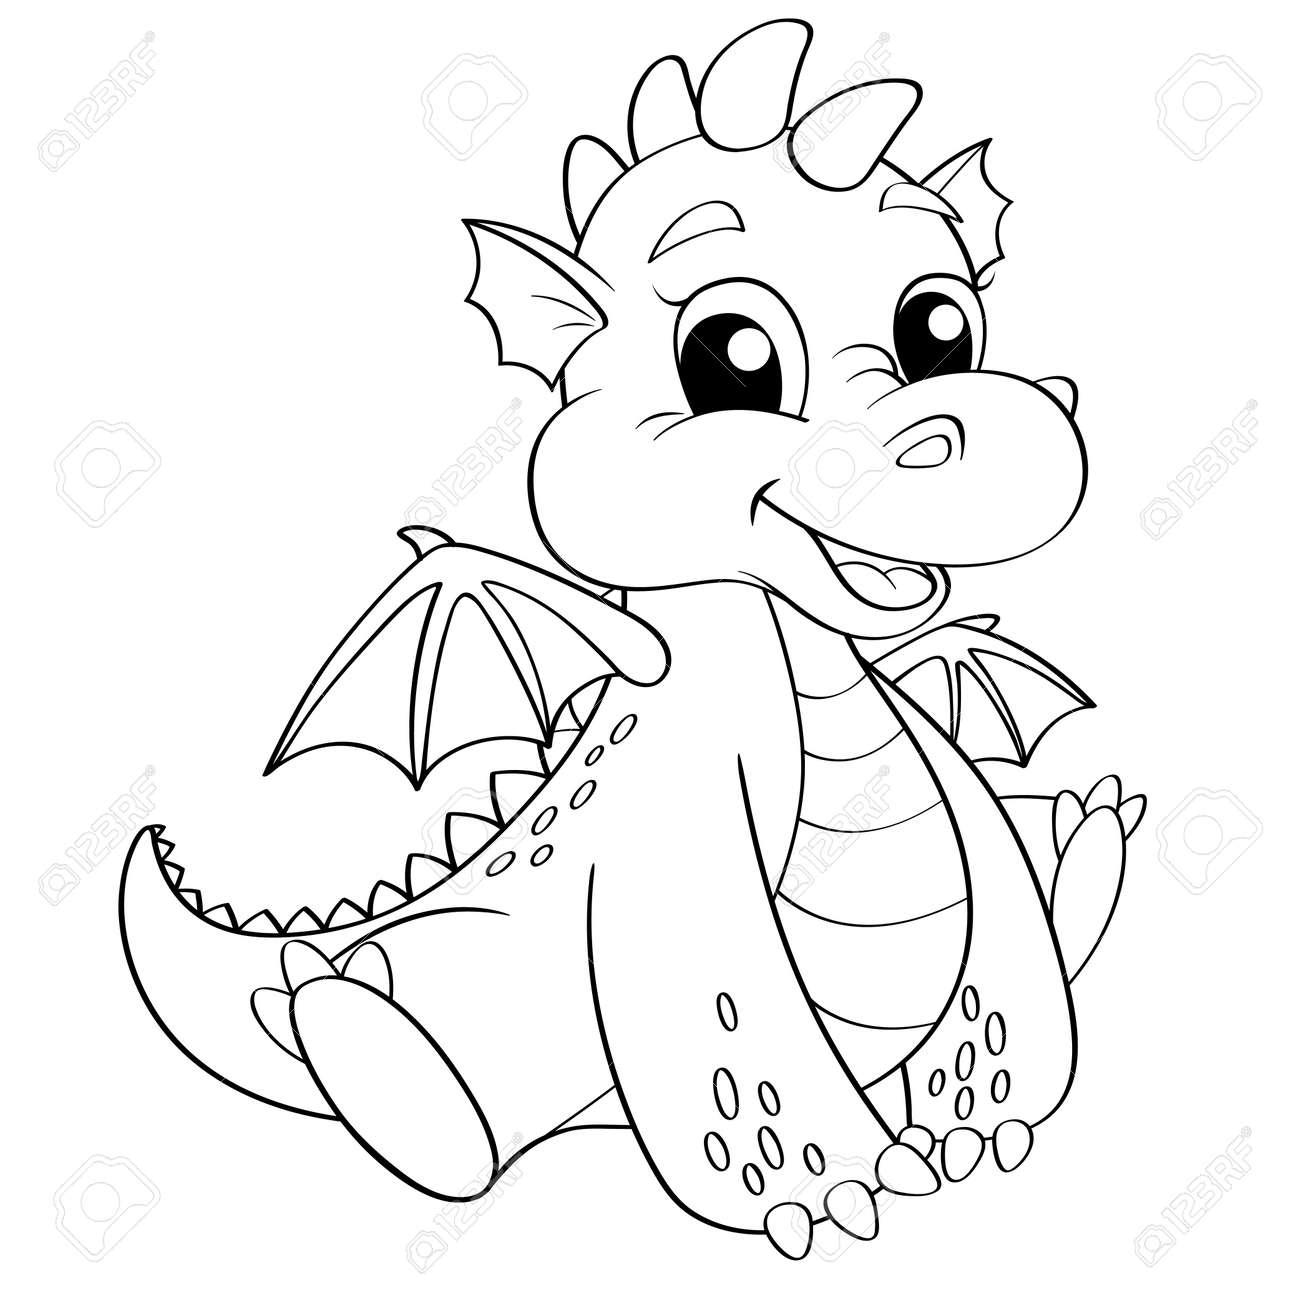 Lujo Colorear Dragon Volador Bosquejo - Enmarcado Para Colorear ...